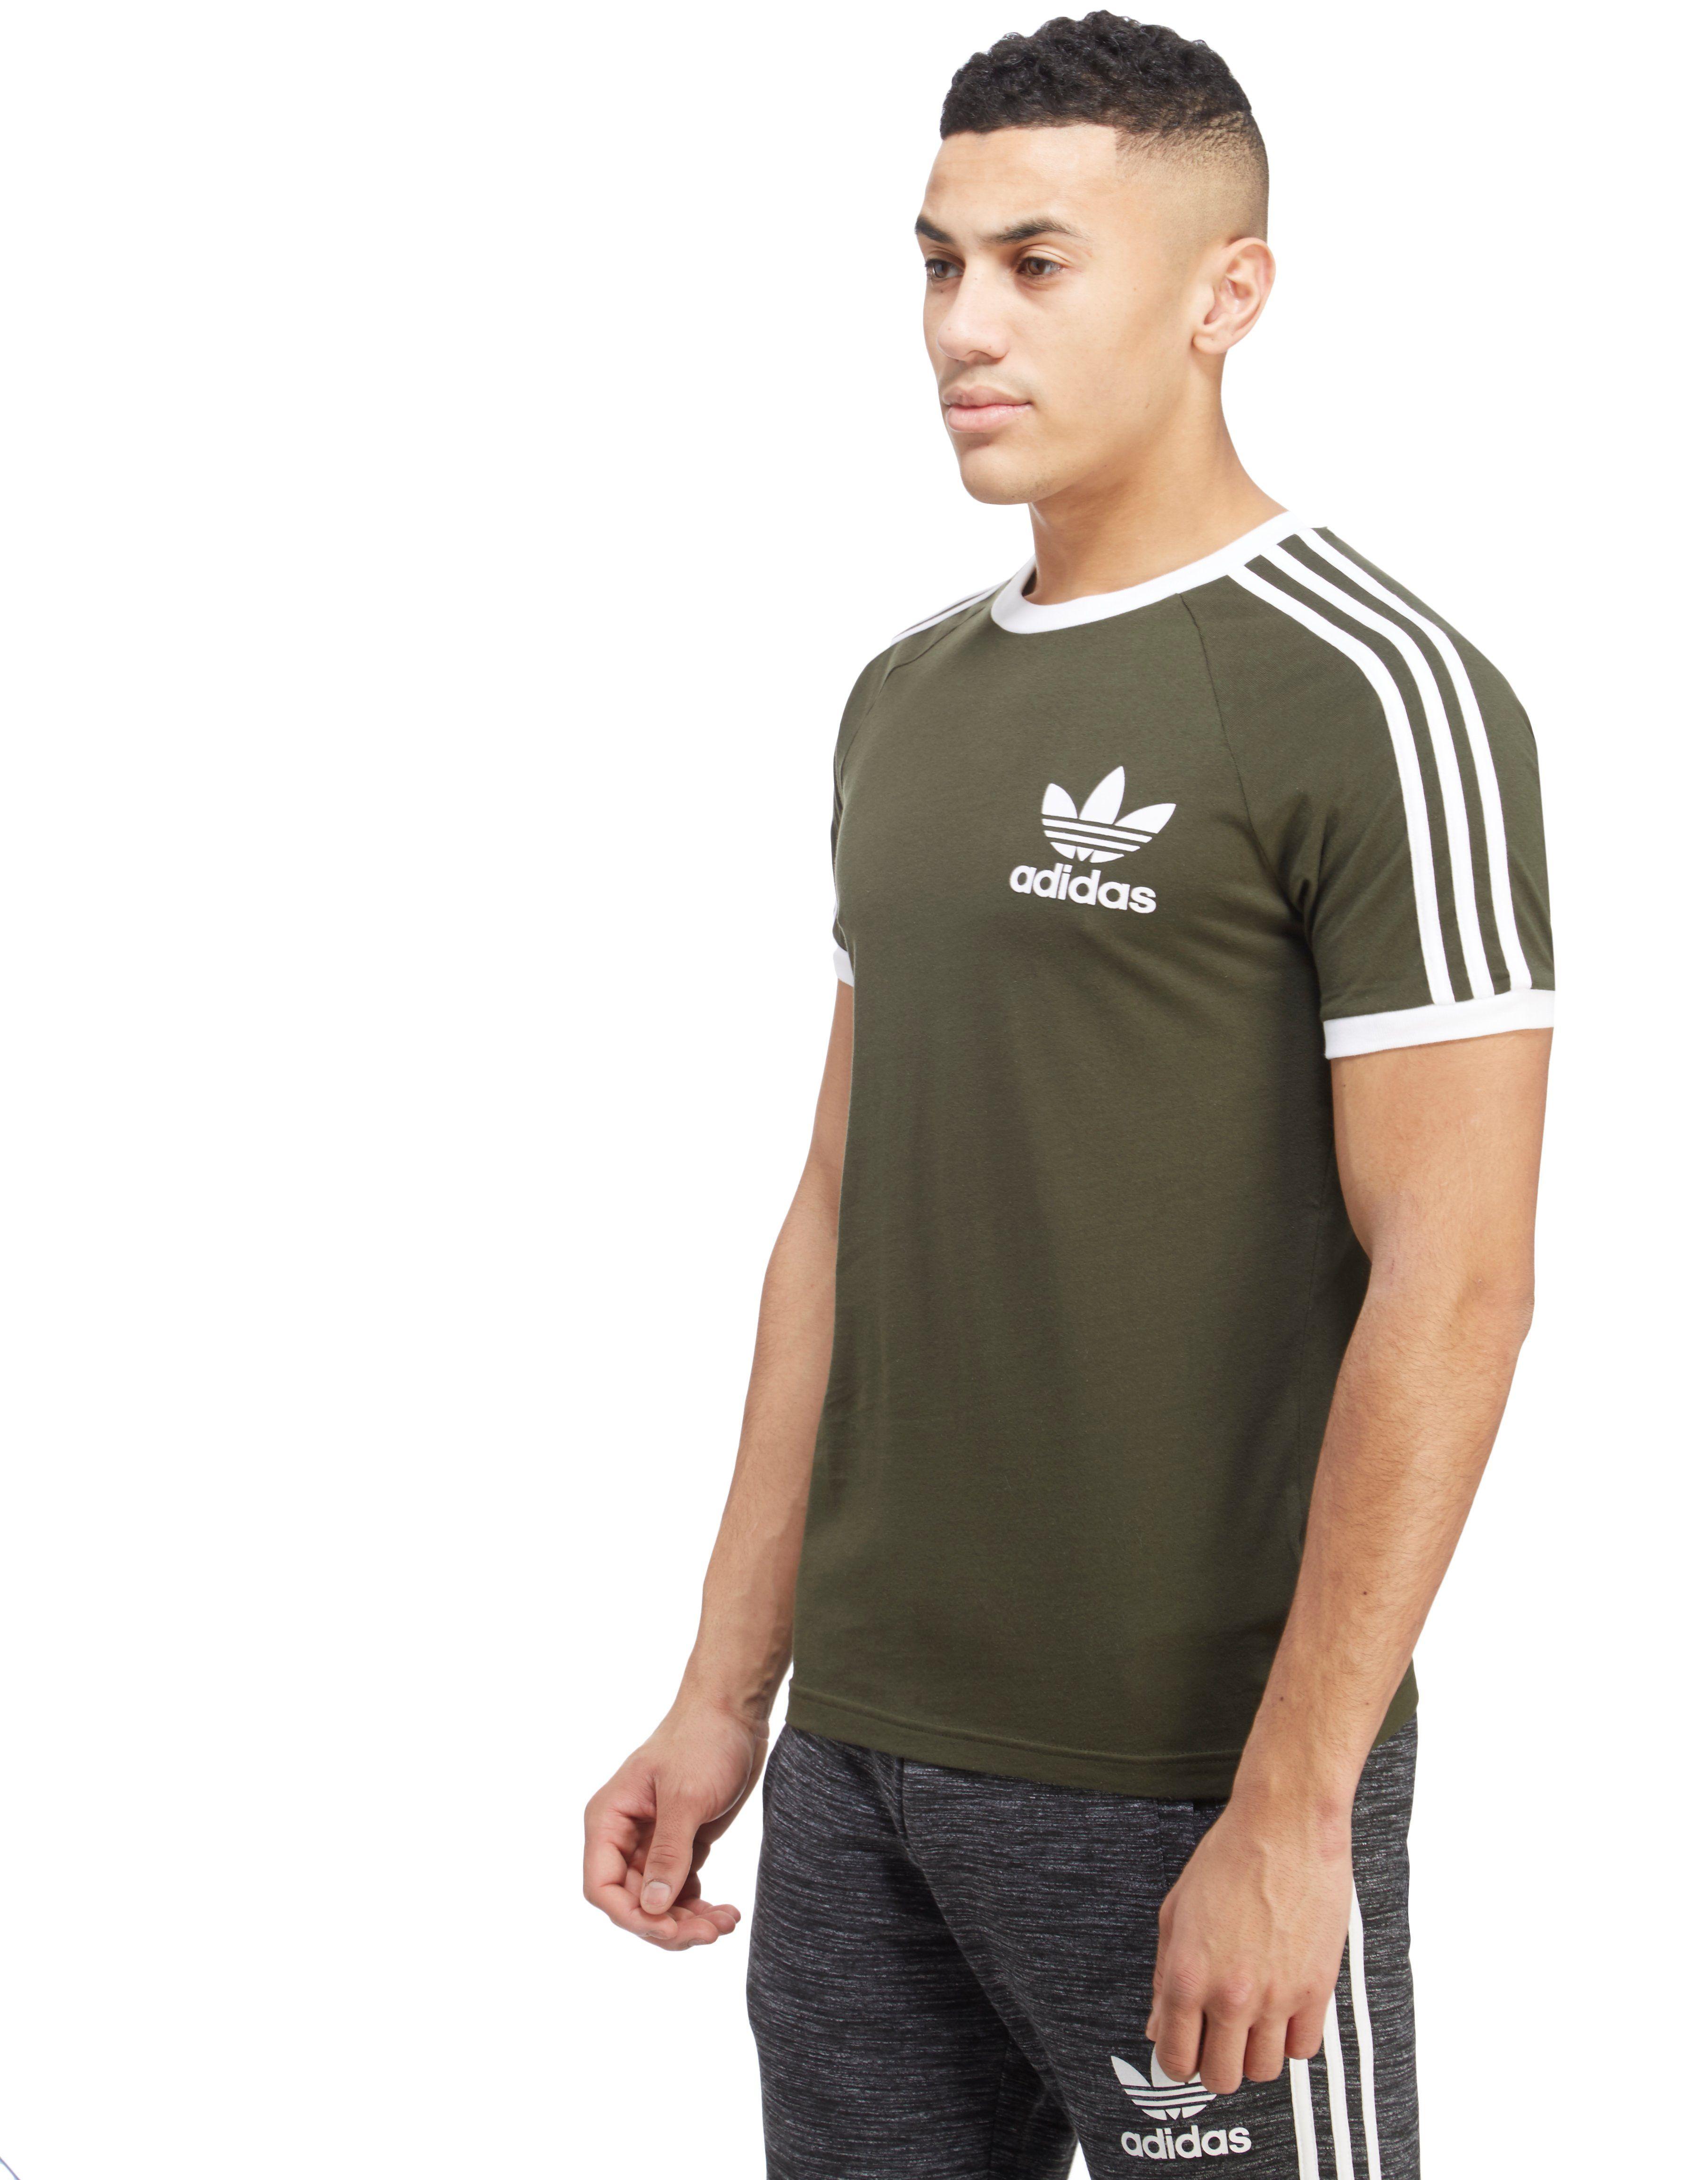 adidas california t shirt xxl